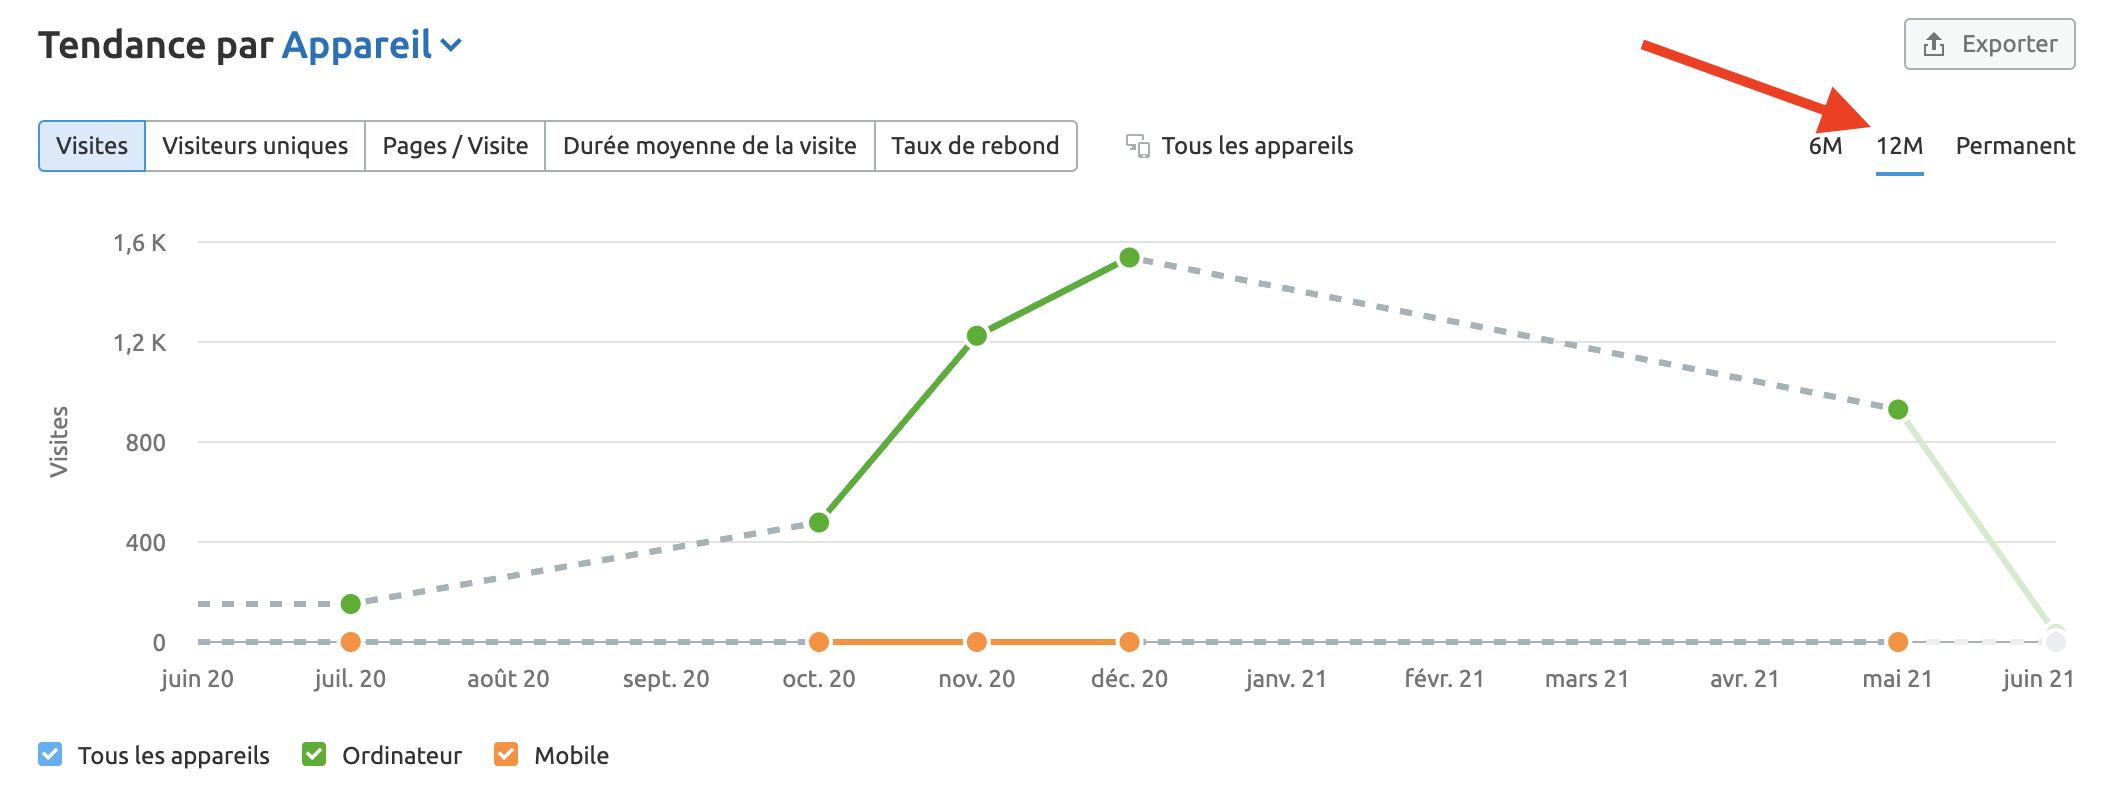 Pourquoi y a-t-il peu ou pas de données dans Analyse du trafic pour le site web que j'ai entré? image 2